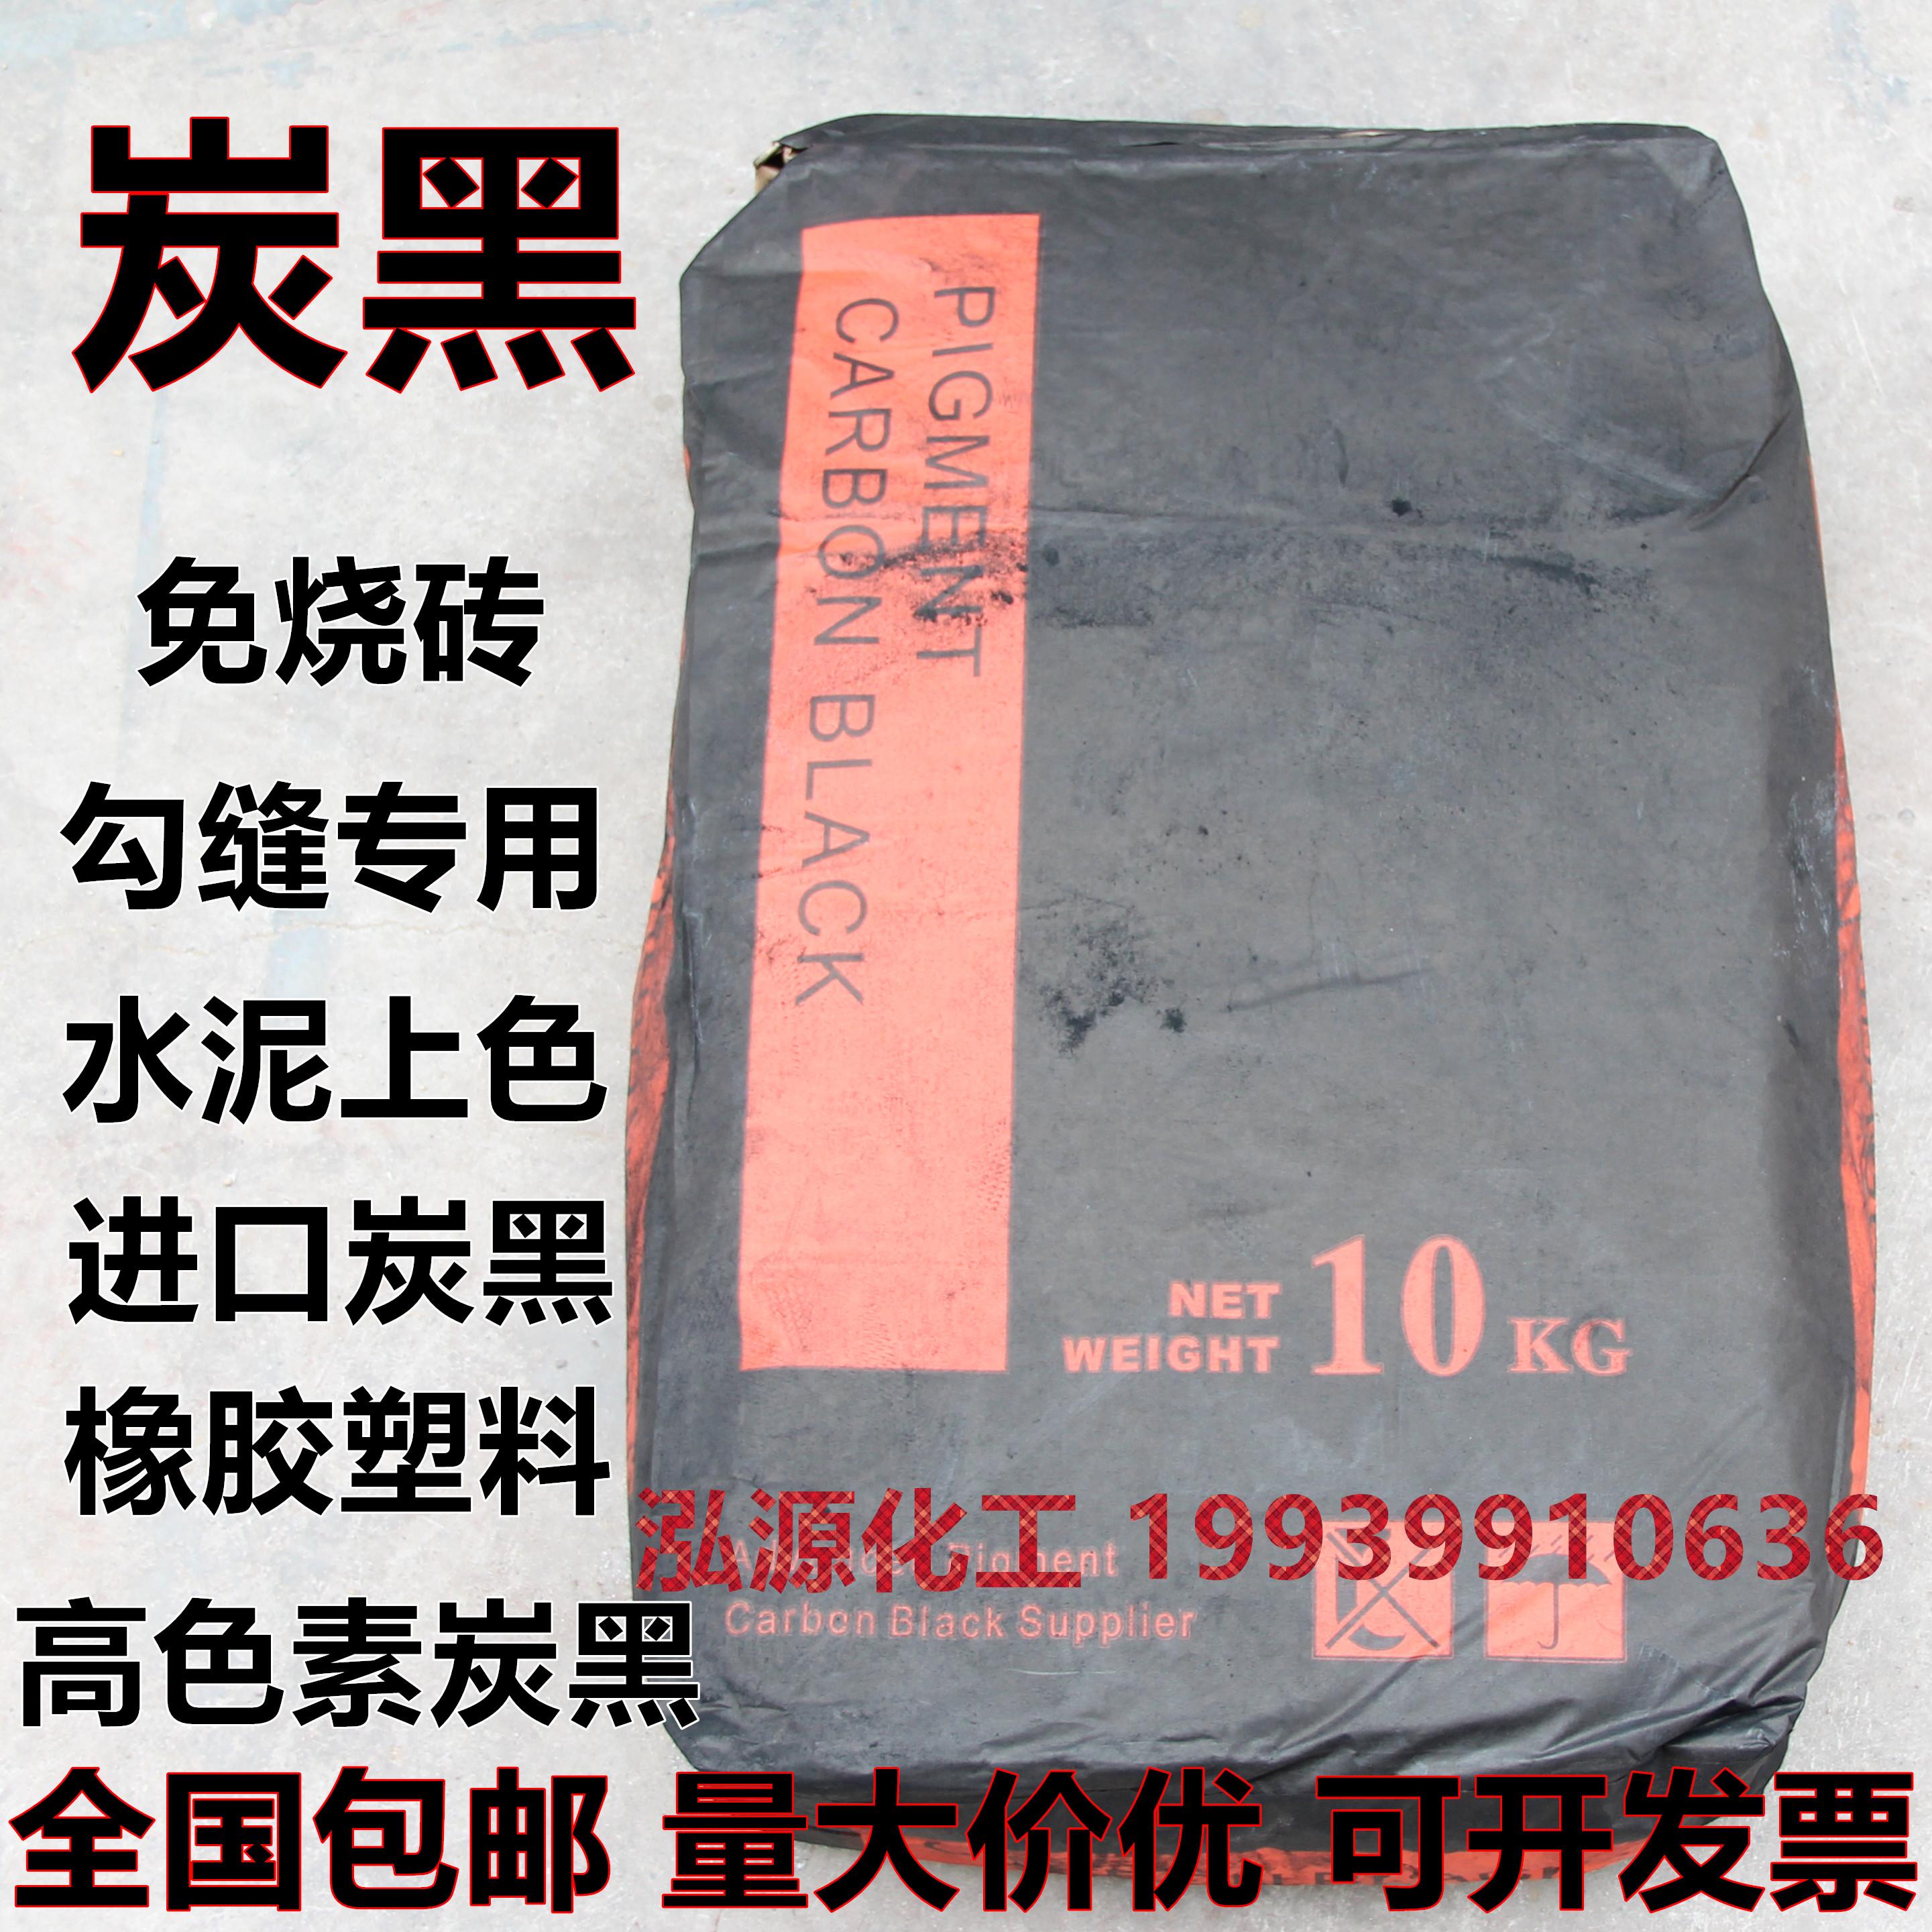 包邮碳黑粉末炭黑油漆色素颜料油墨塑料颗粒橡胶轮胎水泥勾缝染色